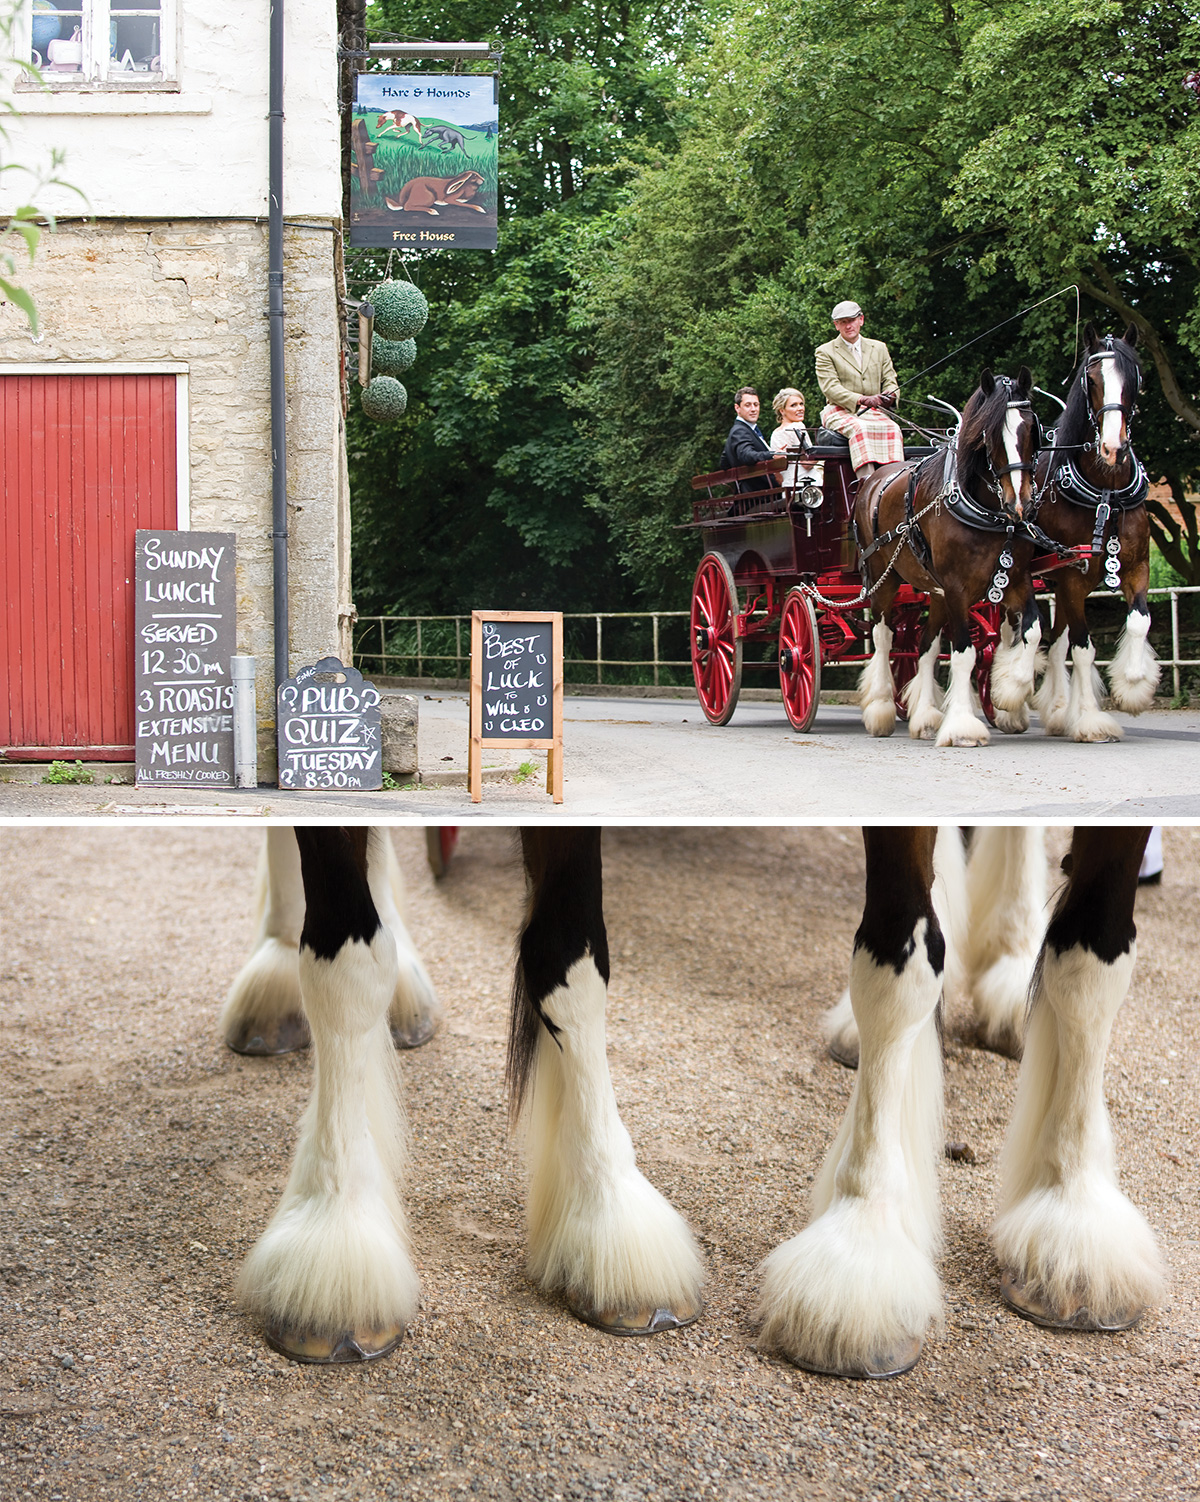 wedding-horse-drawn-carriage.jpg